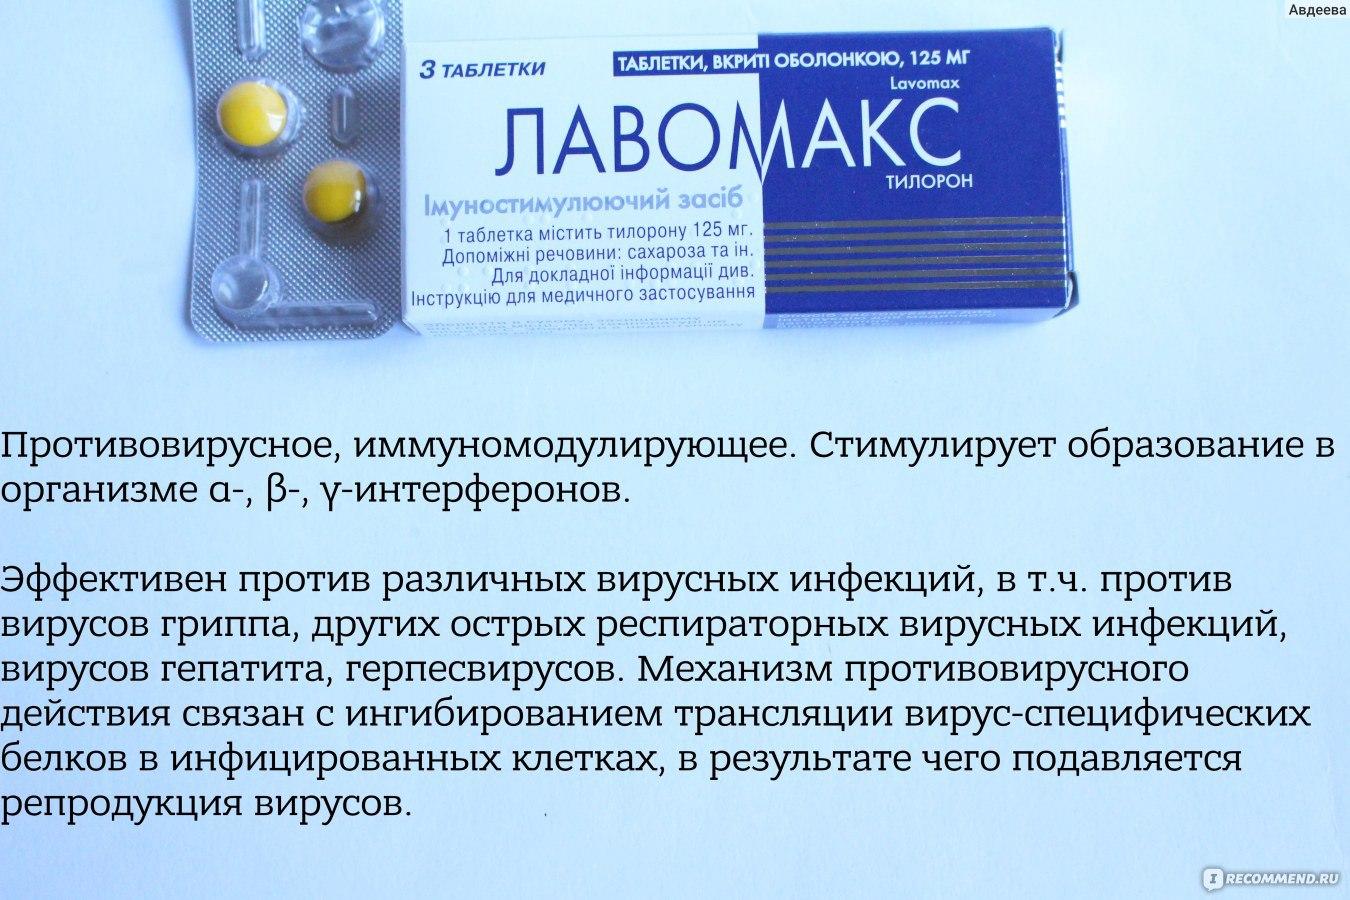 бисакодил-нижфарм свечи инструкция беременность